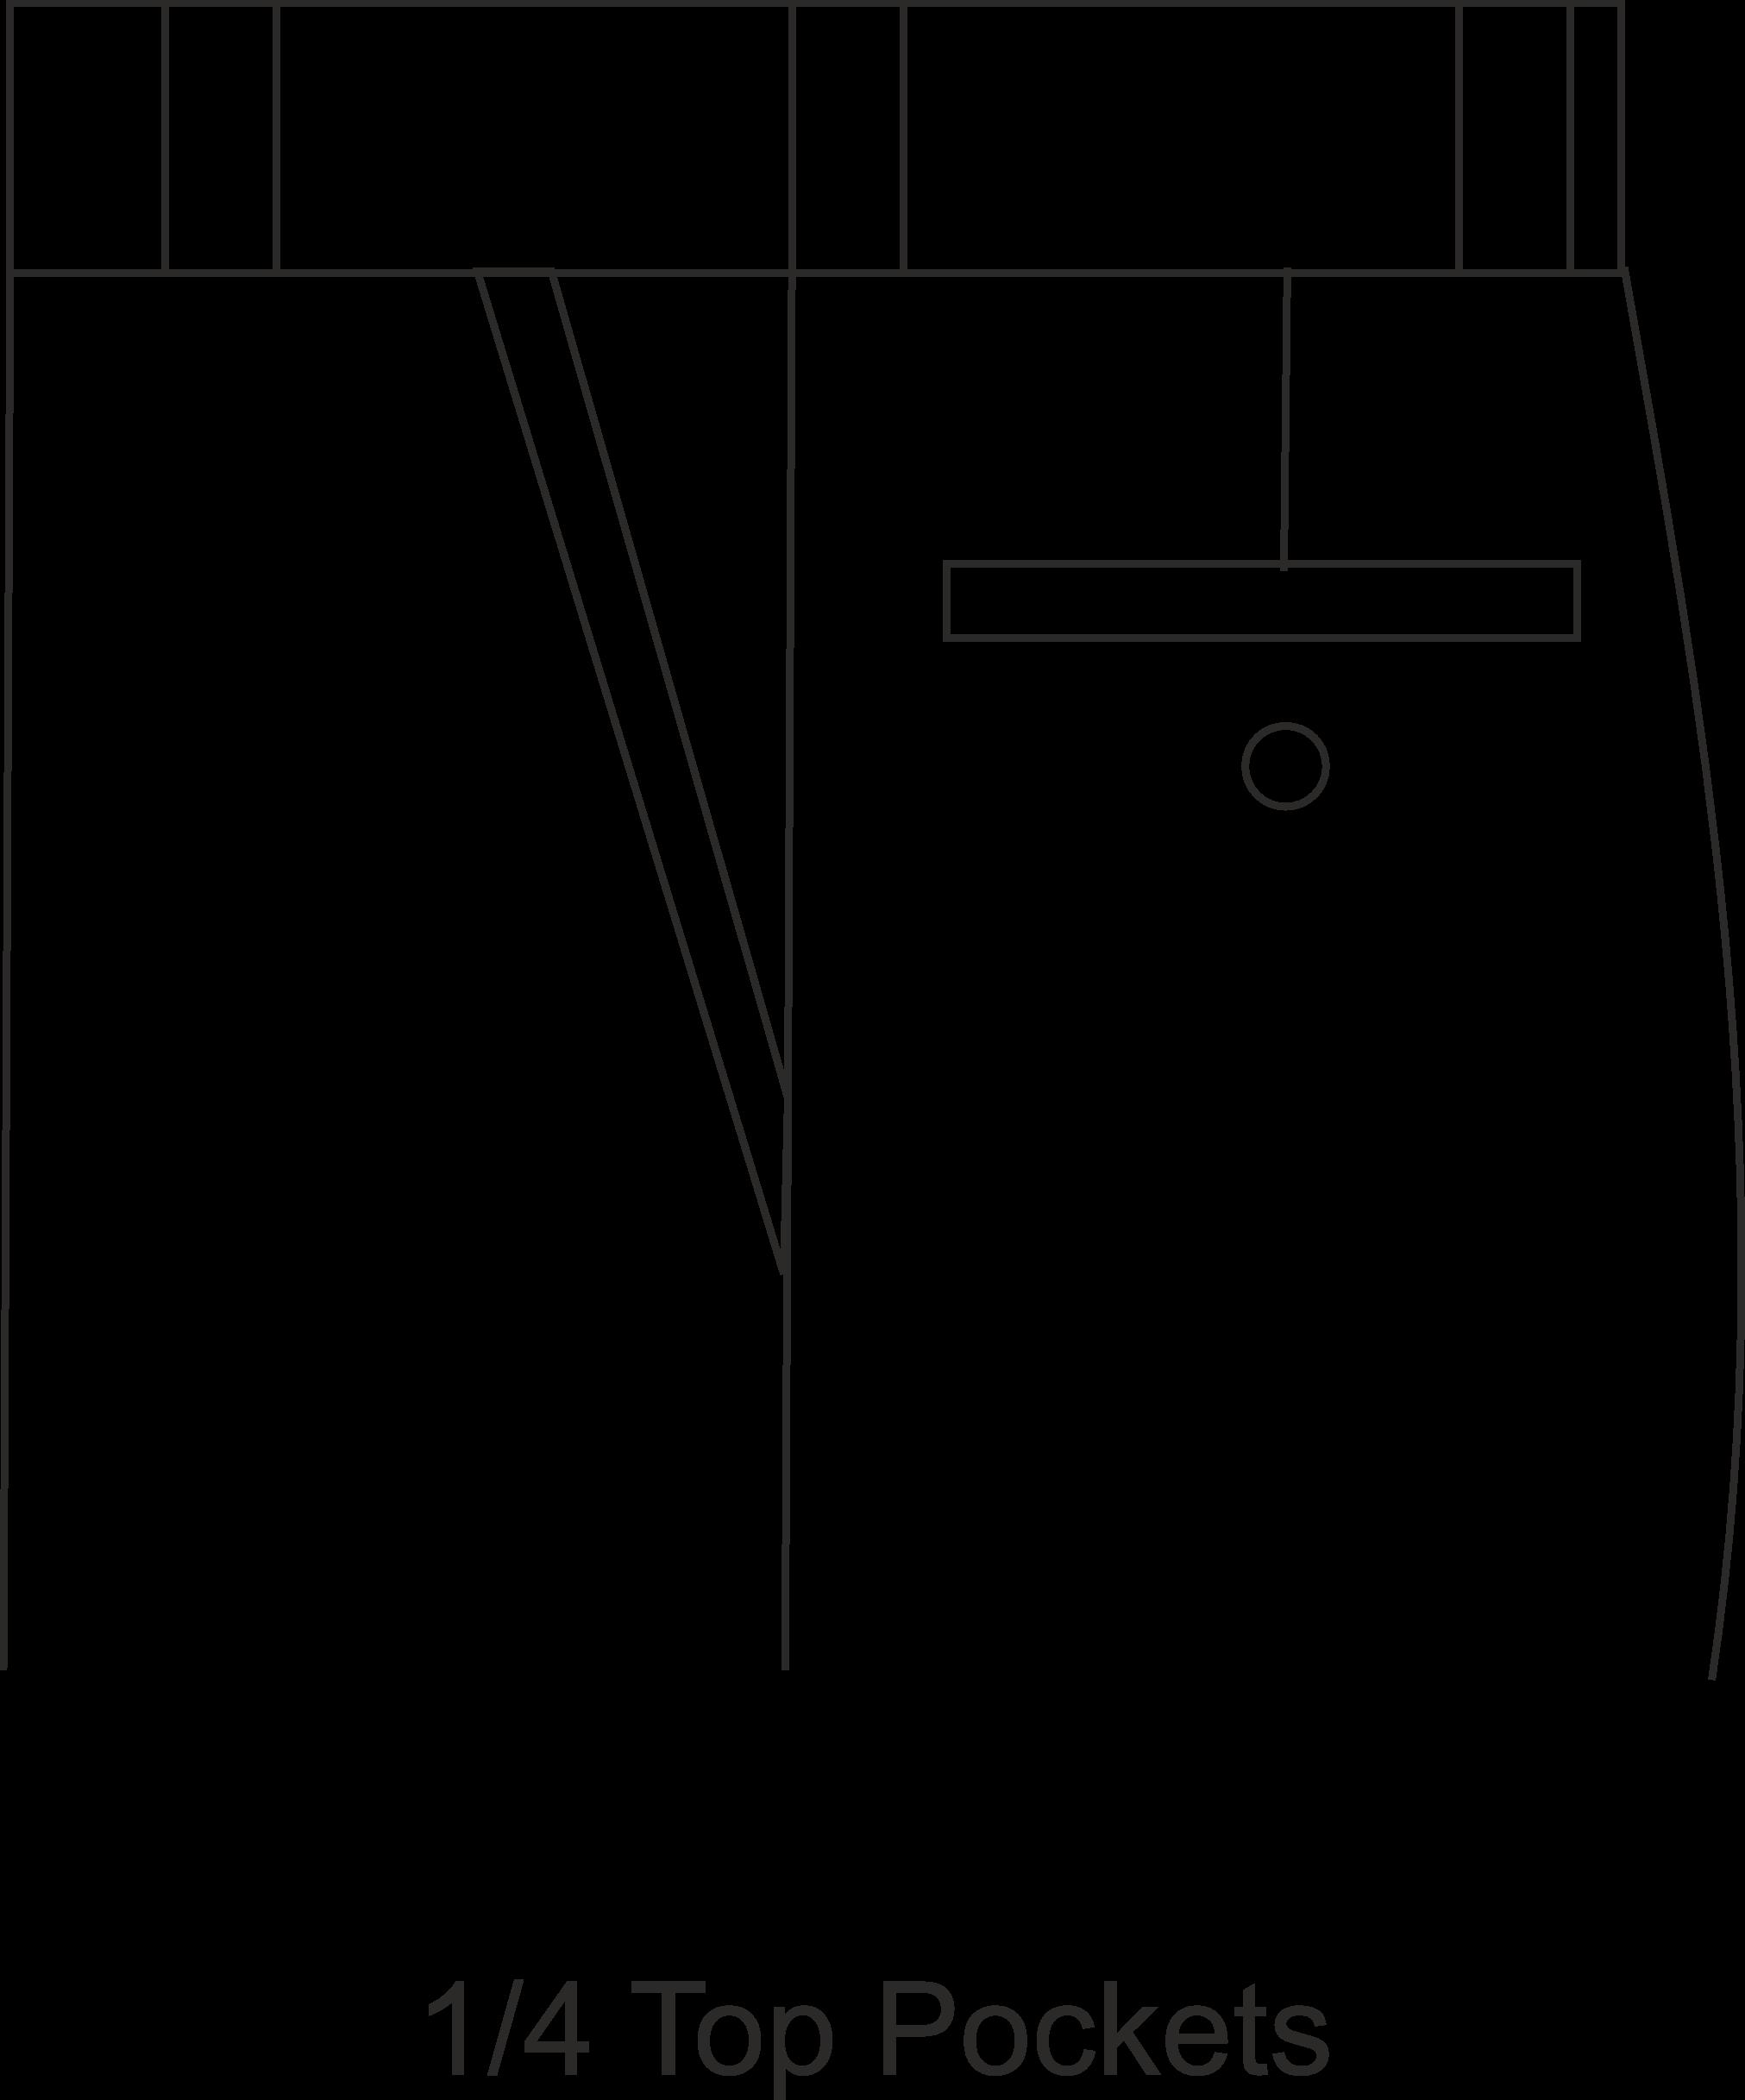 pockets-one-fourth